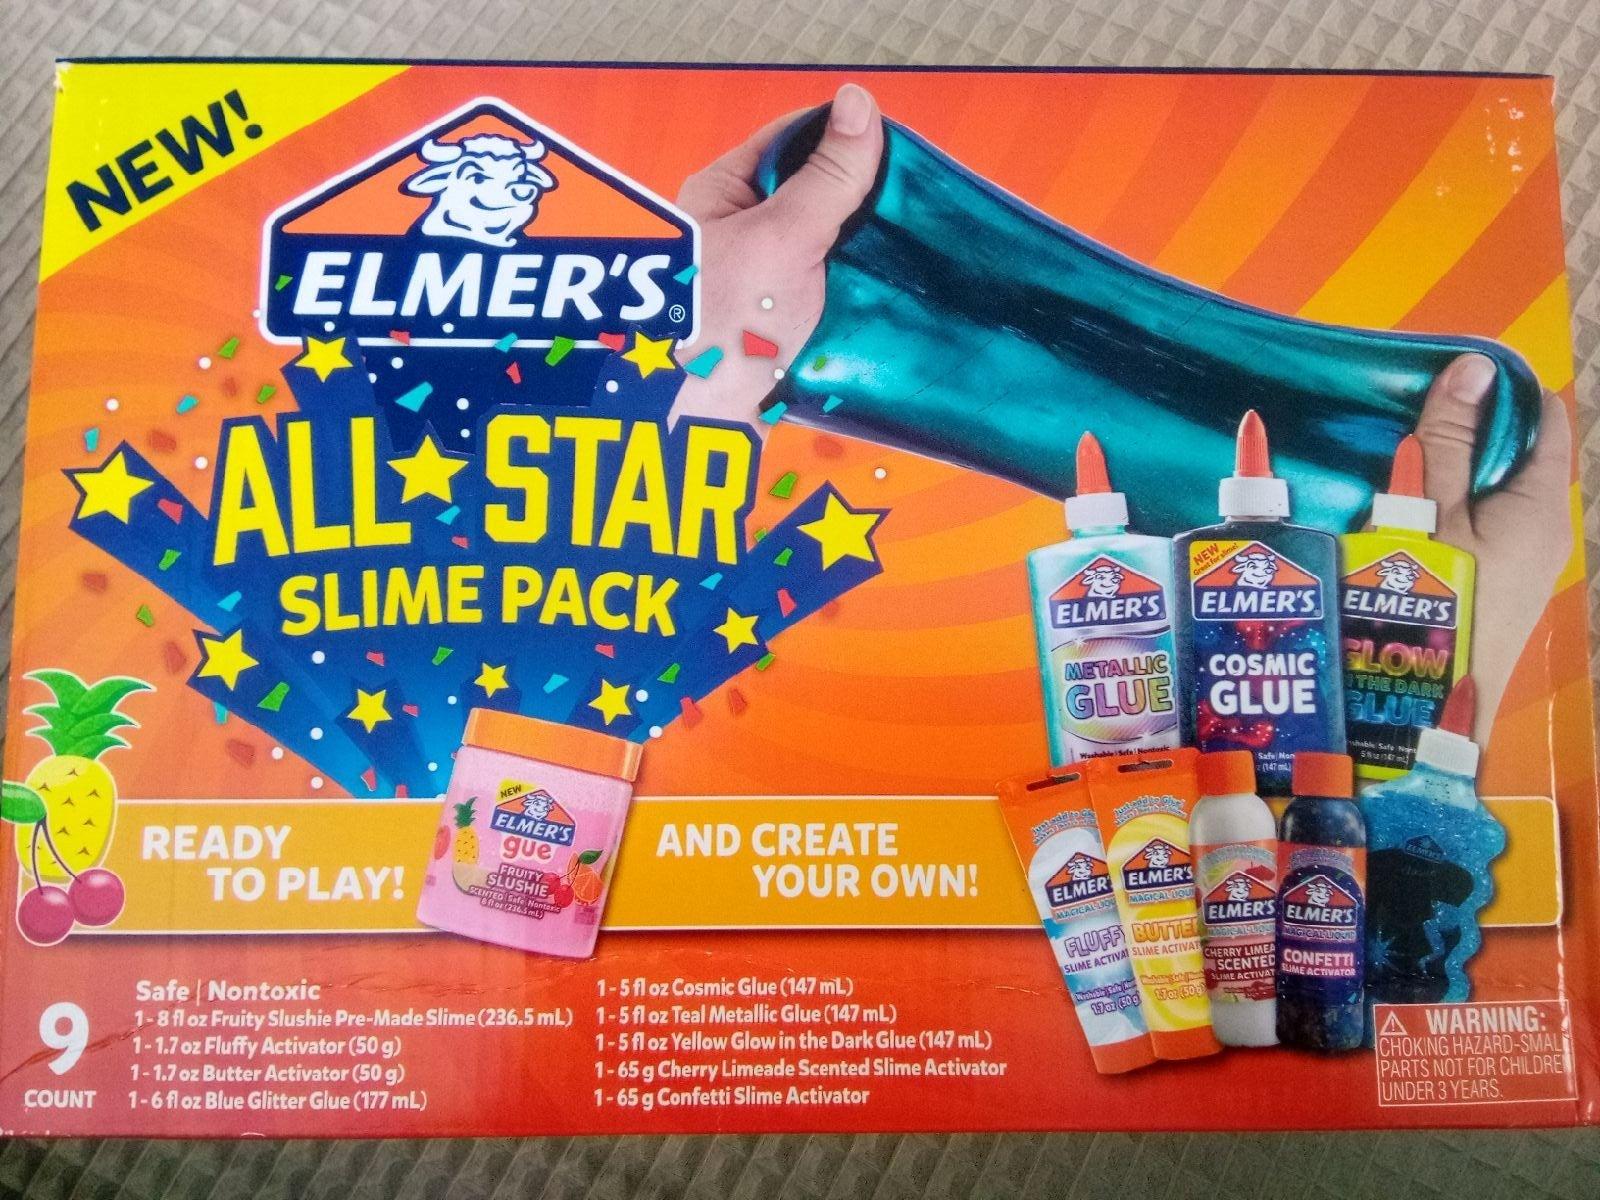 Elmer's All-Star Slime Pack